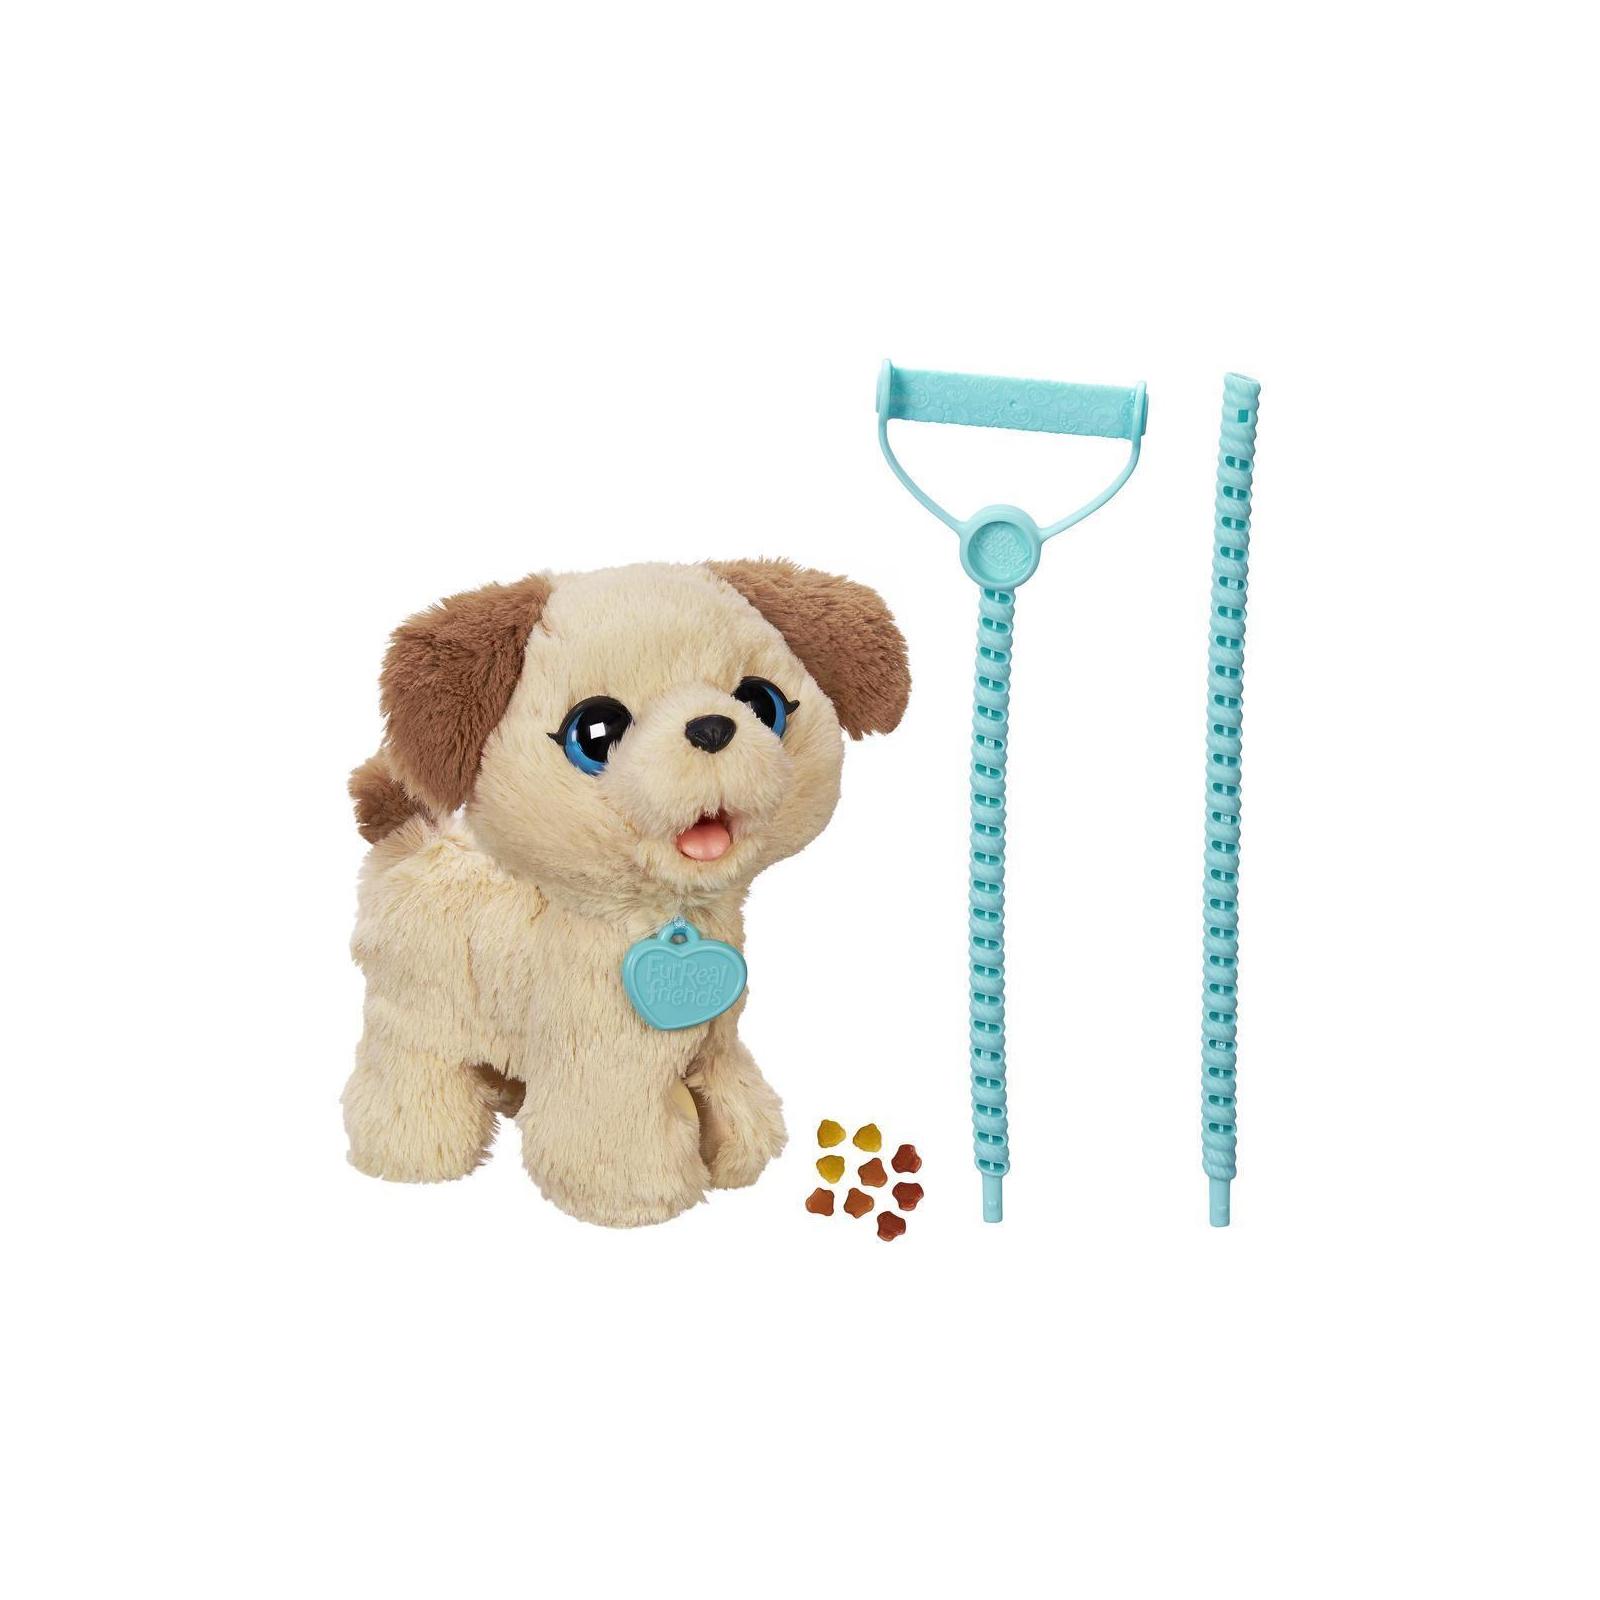 Интерактивная игрушка Hasbro Furreal Friends Весёлый щенок Пакс (обновленный) (C2178) изображение 2